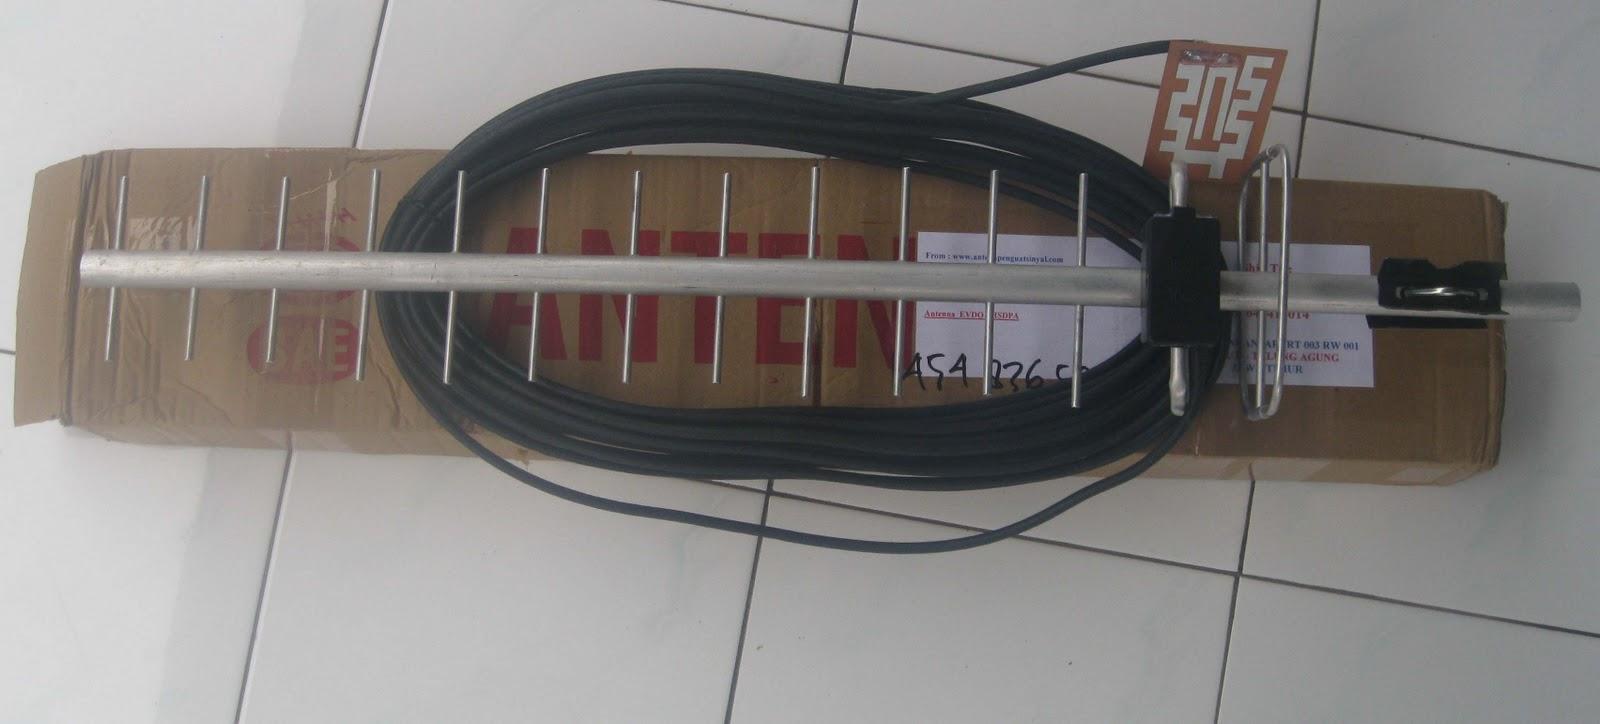 10 meter yagi antena: